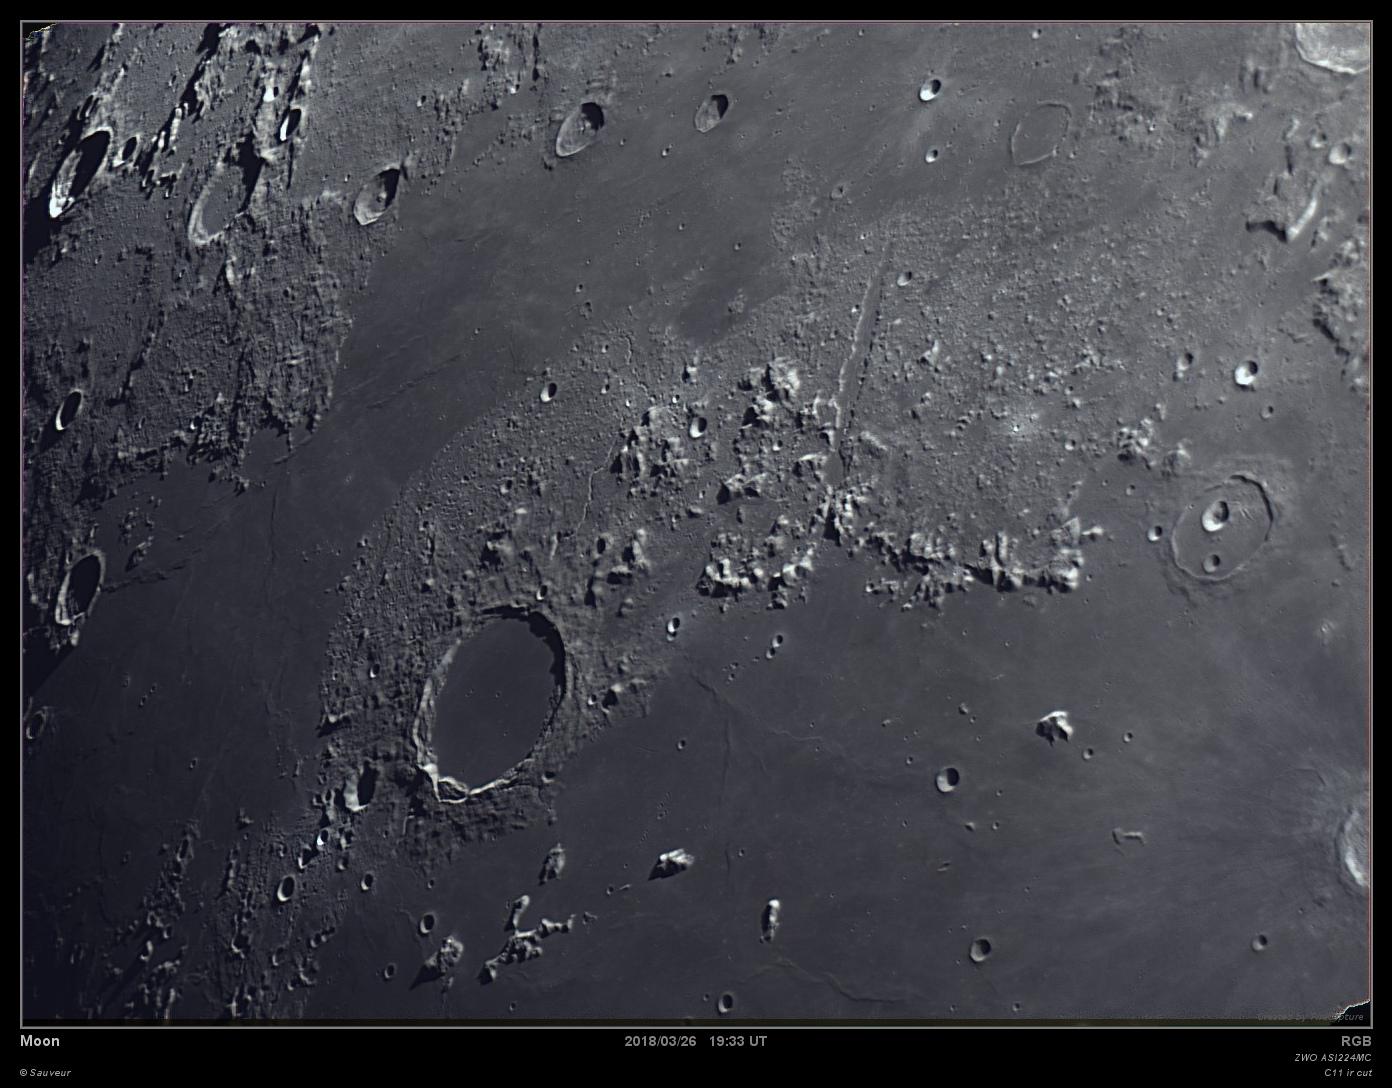 Moon_213411_lapl4_ap67_web.jpg